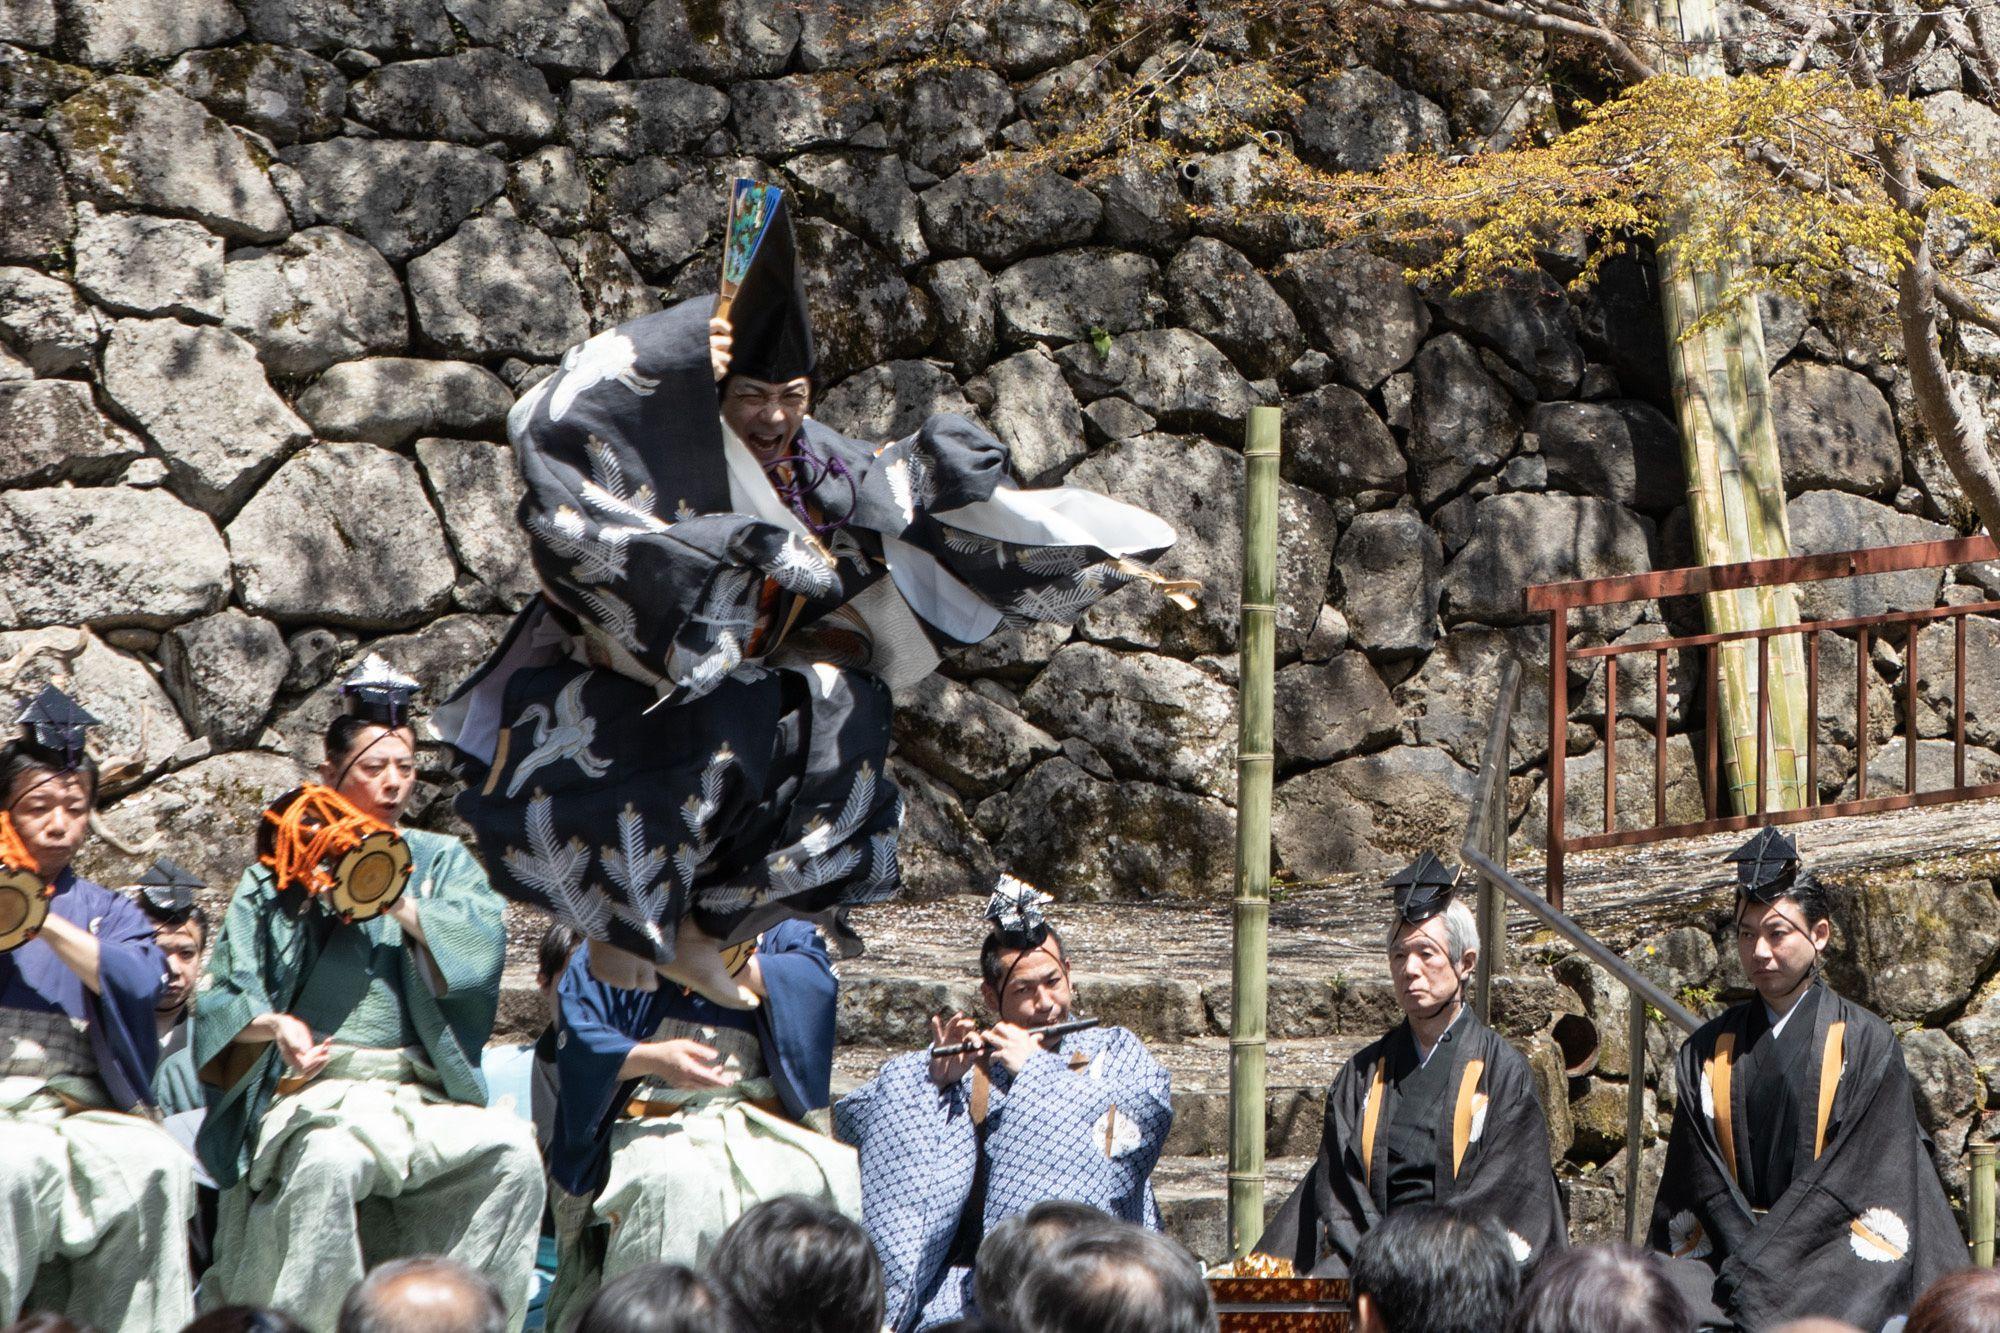 三番叟の舞が最高潮に。ダイナミックな跳躍や掛け声で、座を清める。